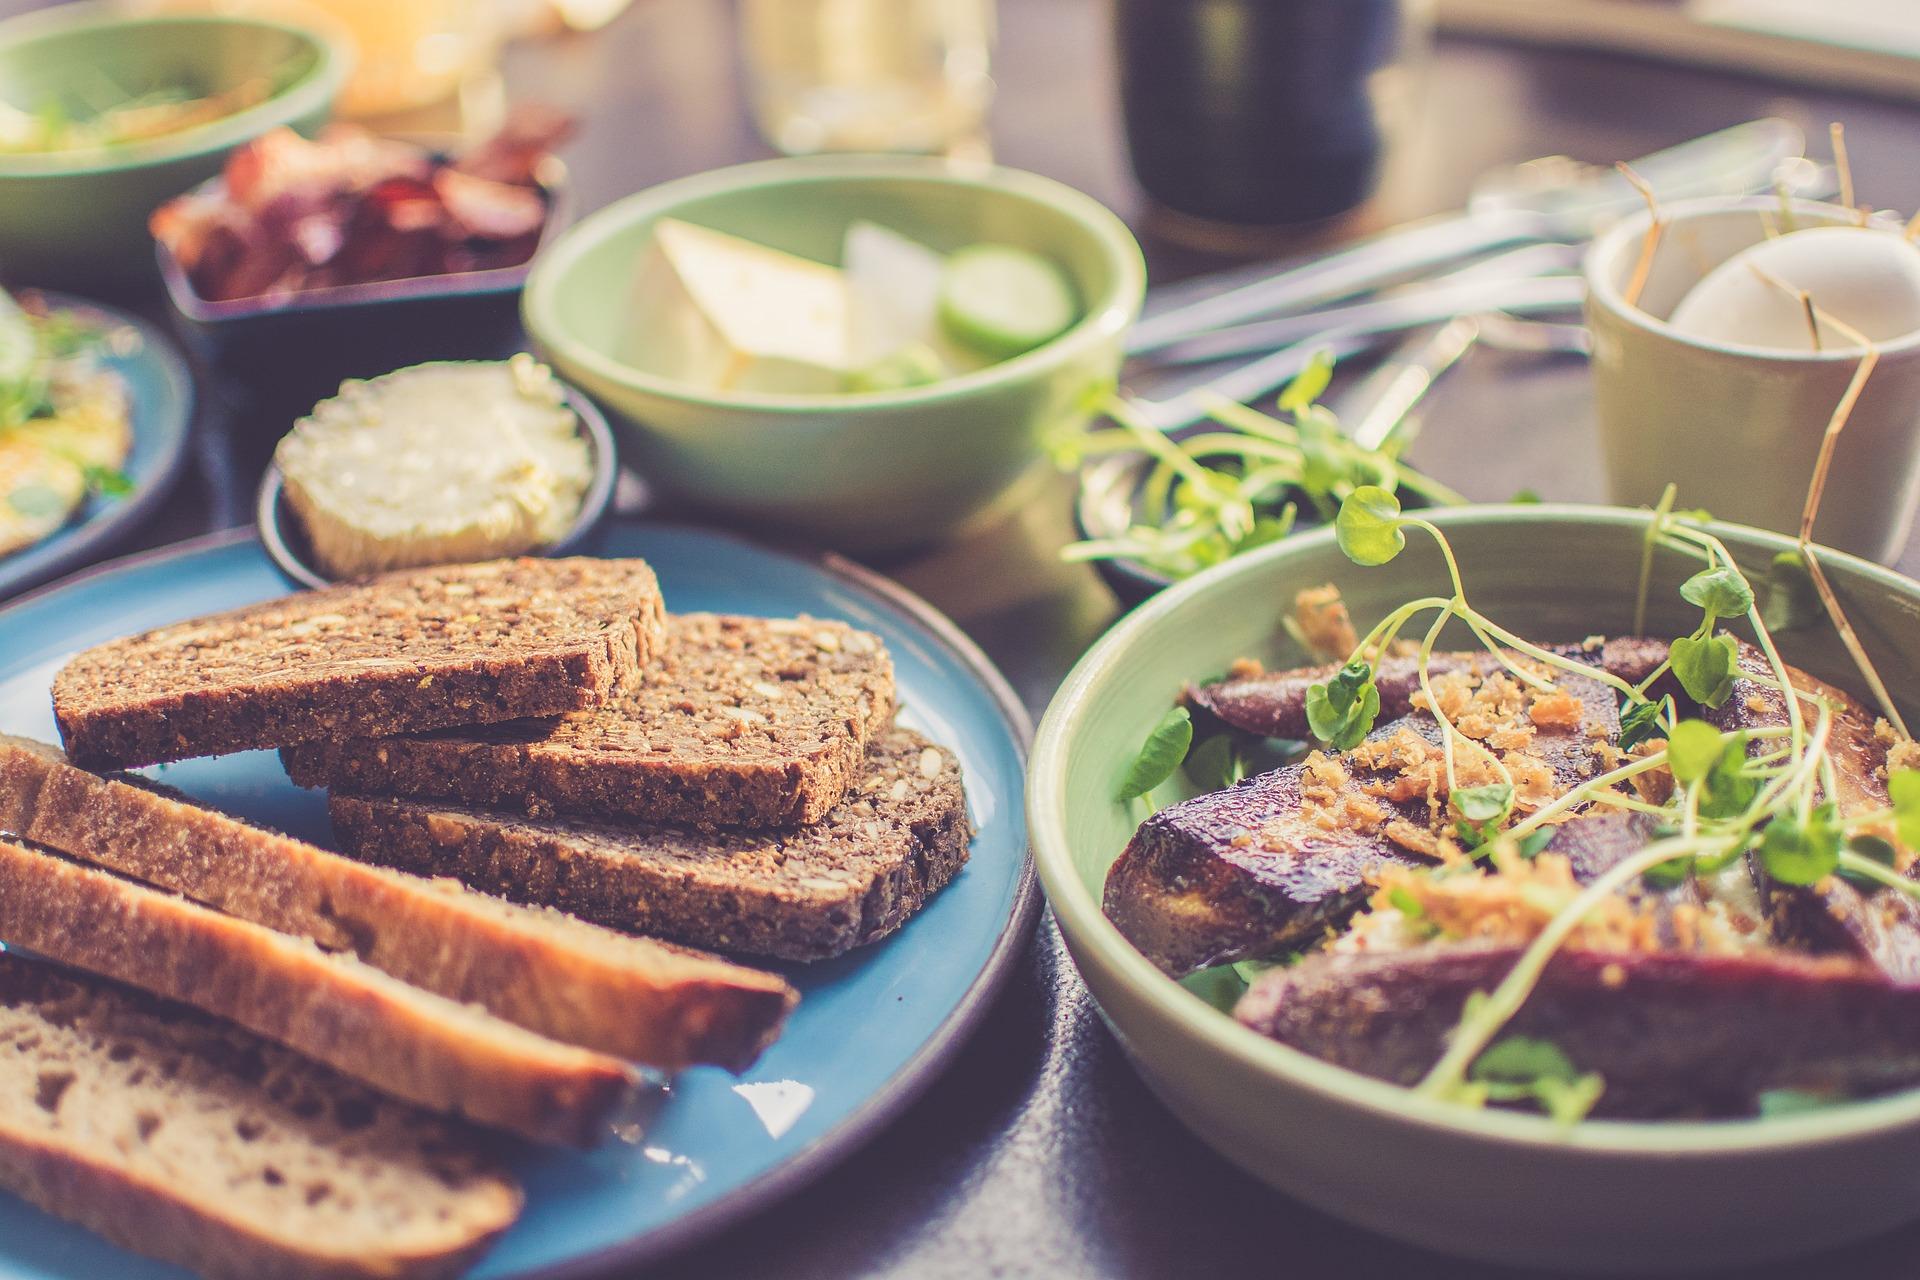 Pan integral y verduras cocinadas son una buena opción para cenar sano